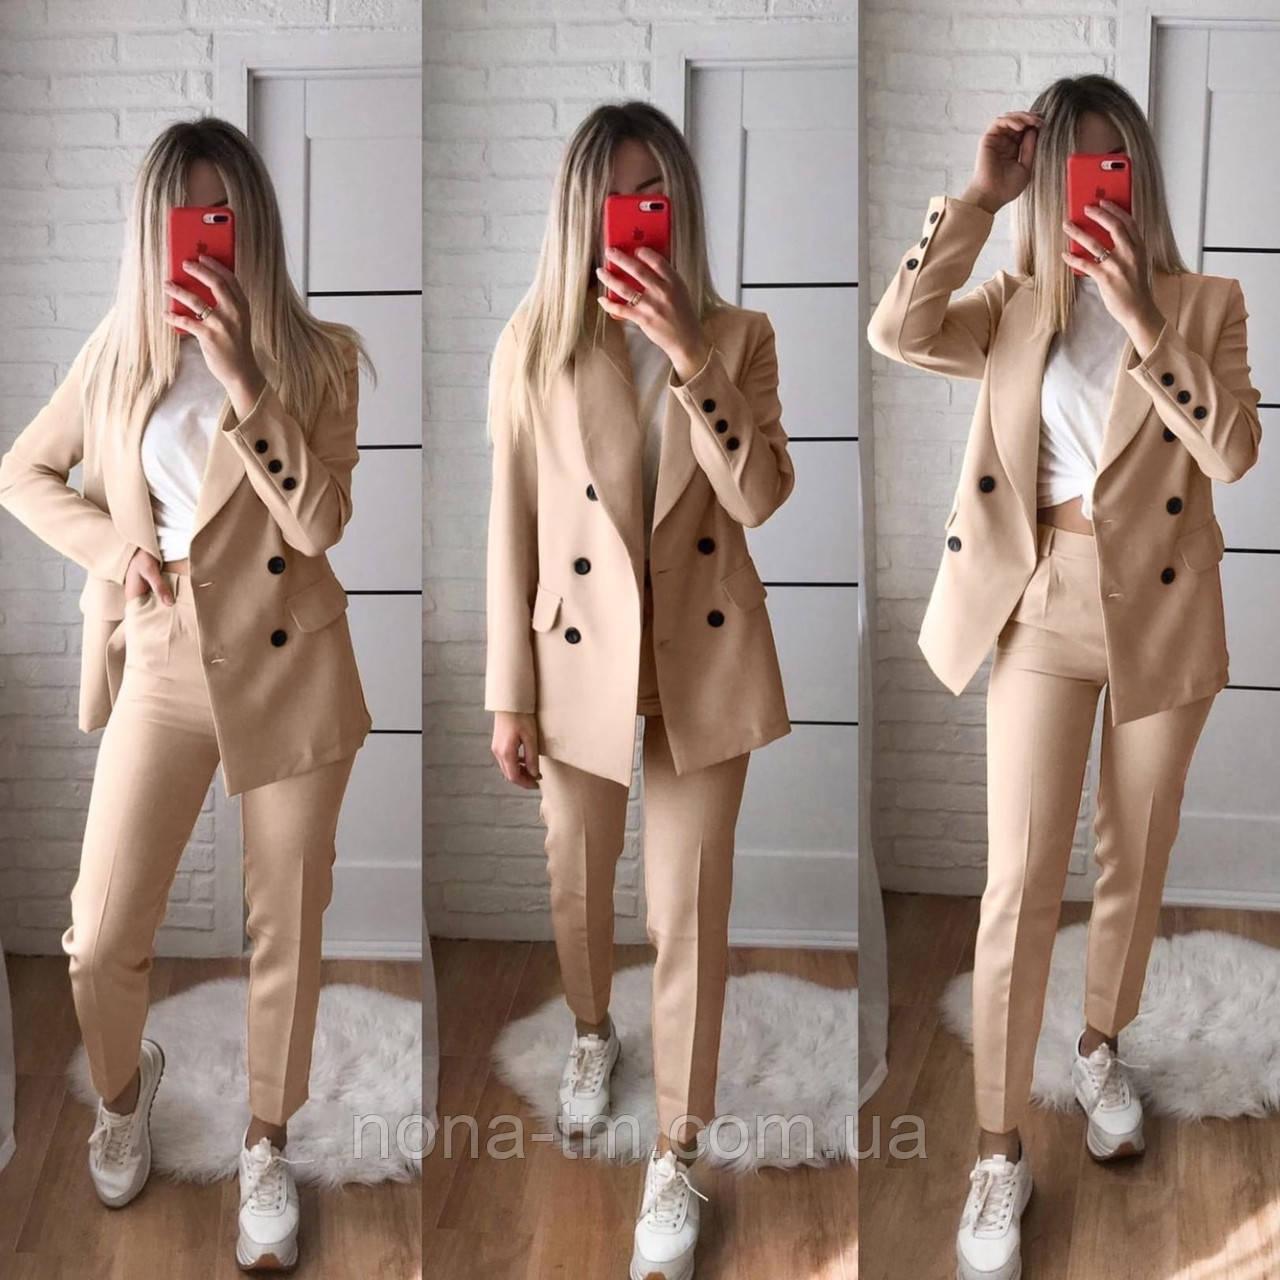 Жіночий стильний брючний костюм з жакетом і брюками в кольорах (Норма)